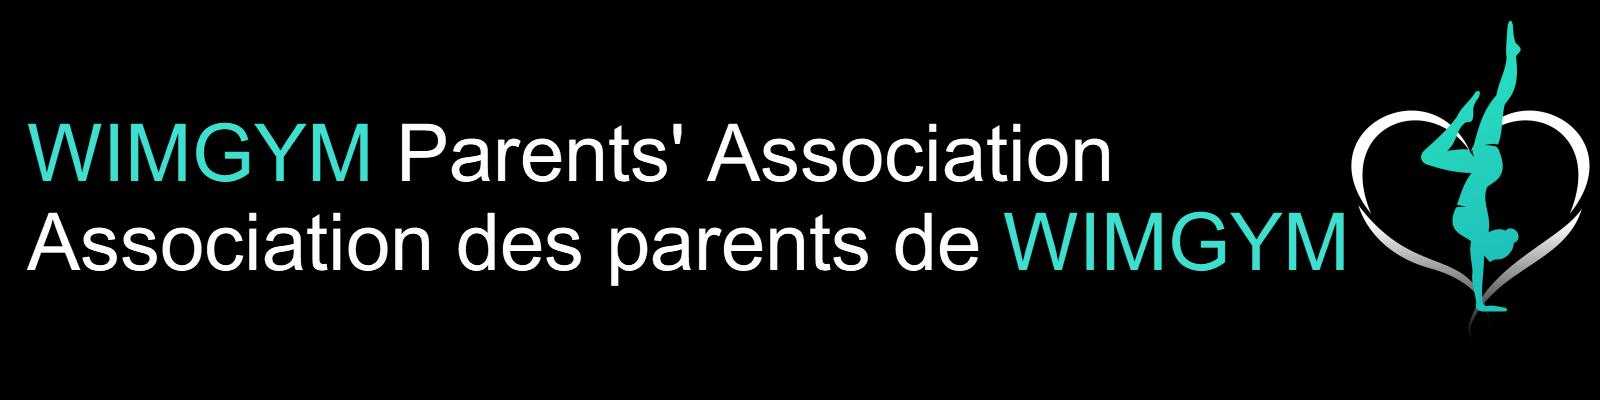 WIMGYM Parents' Association – Association des parents de WIMGYM